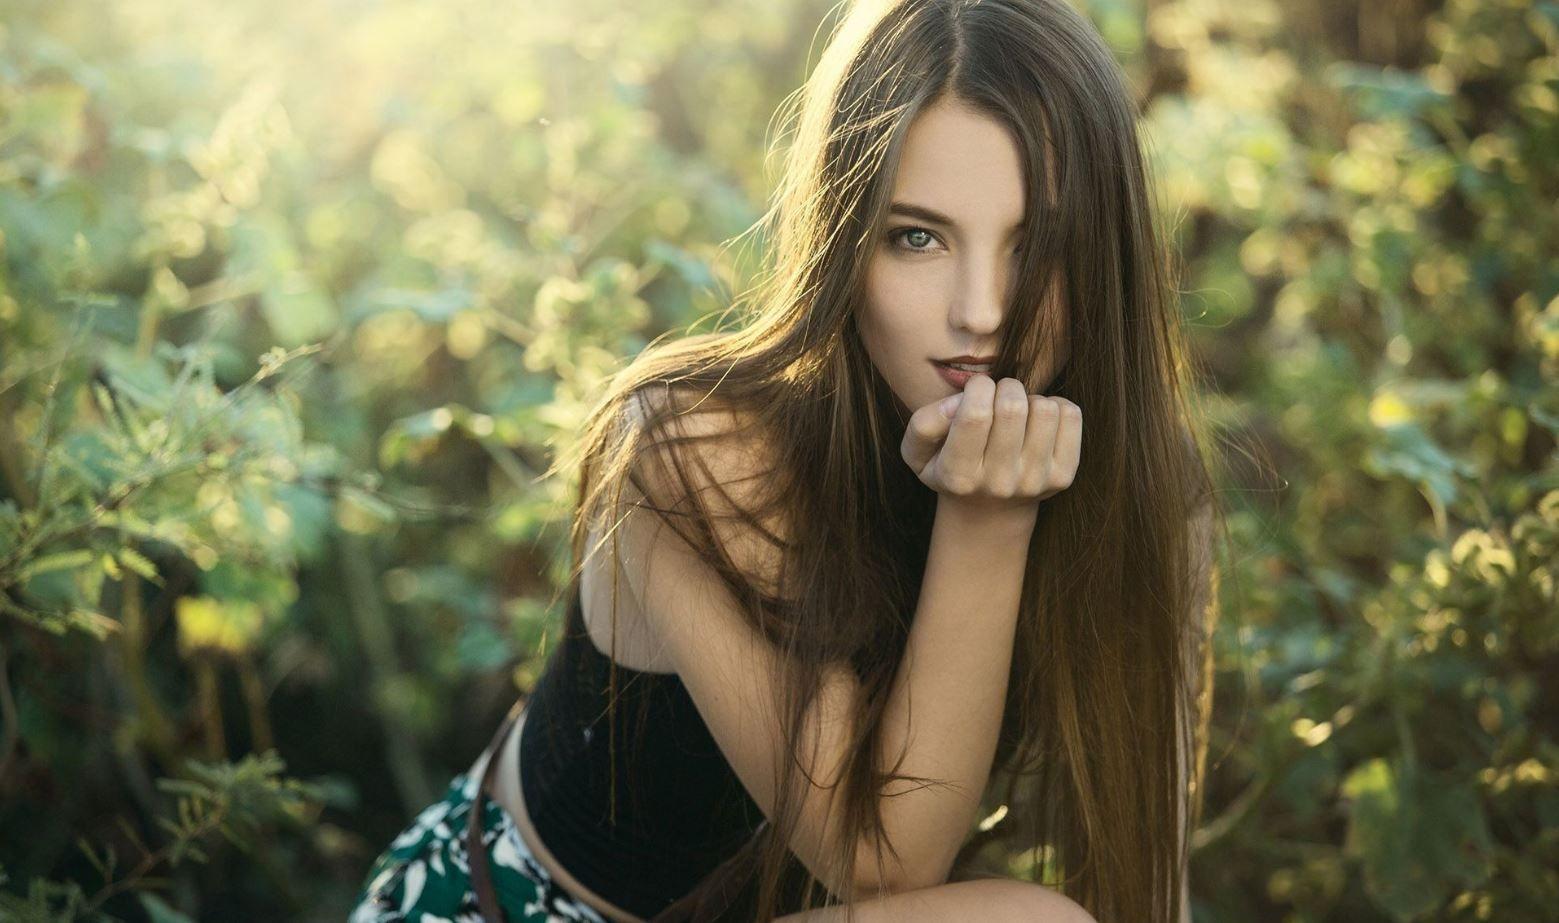 Фото девушка длинными волосами